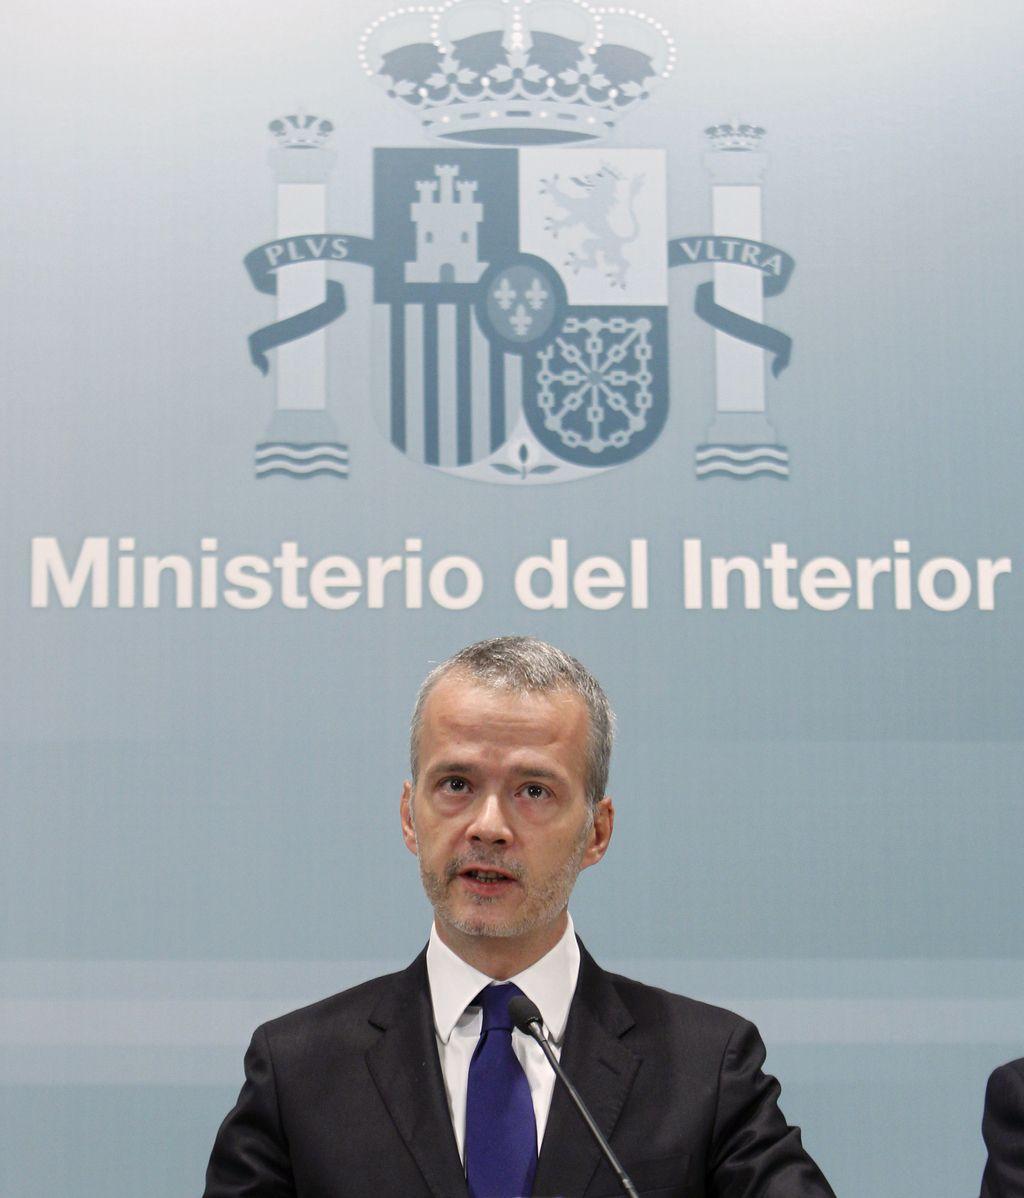 El ministro del Interior, Antonio Camacho, hace su primera valoración del comunicado de ETA.